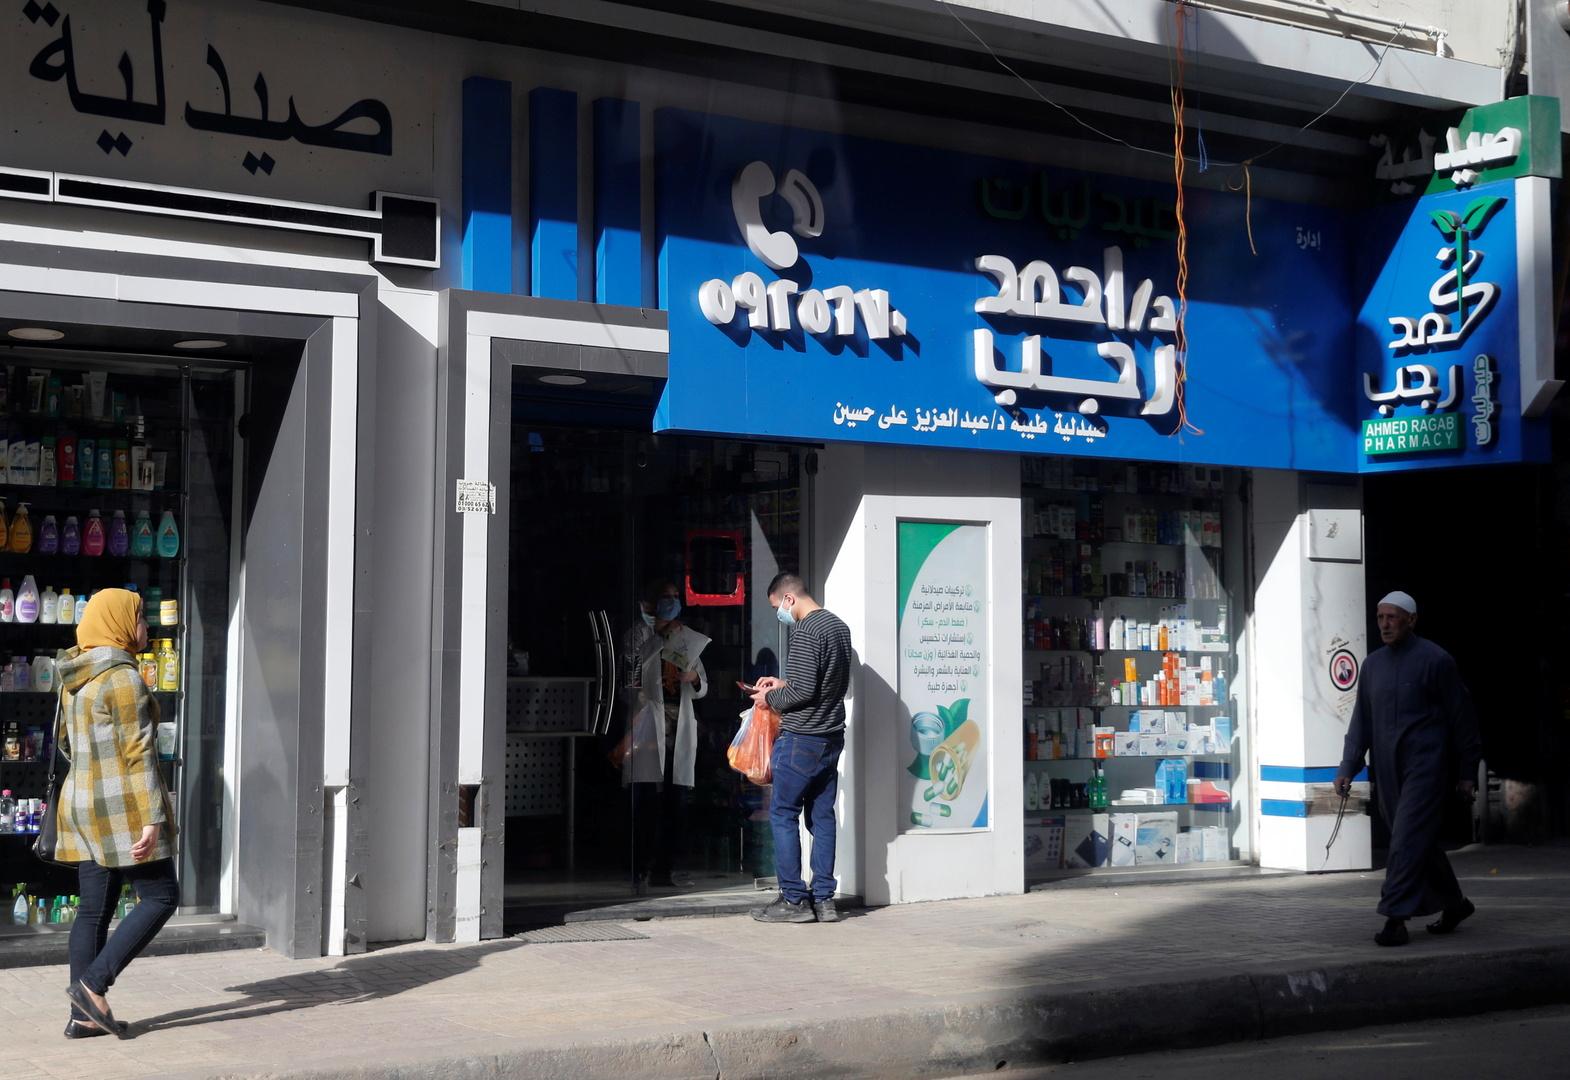 بالأسماء.. مصر تدرج أدوية يستخدمها معظم المواطنين في قائمة المخدرات